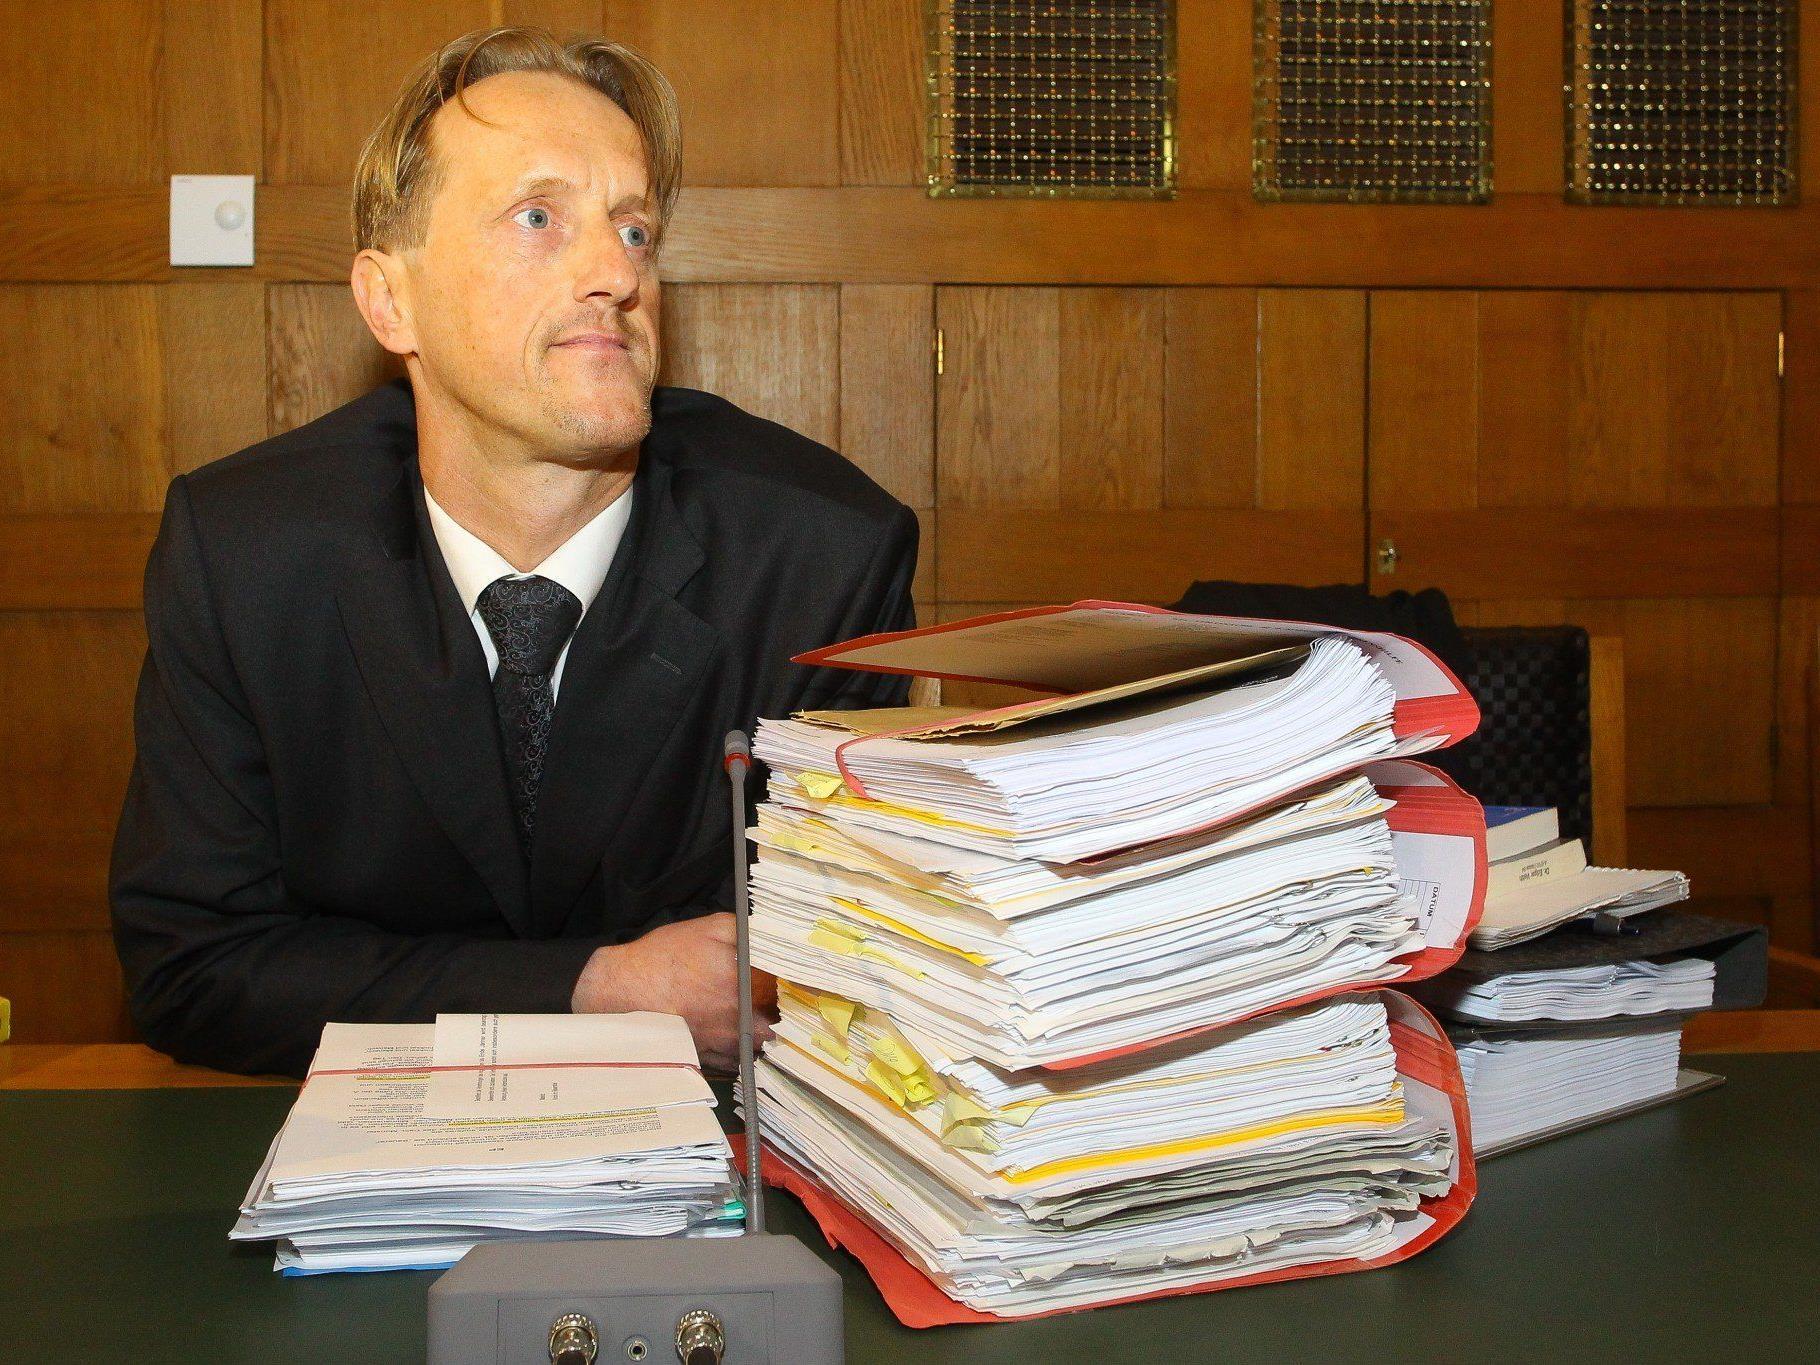 Partnersuche anwalt